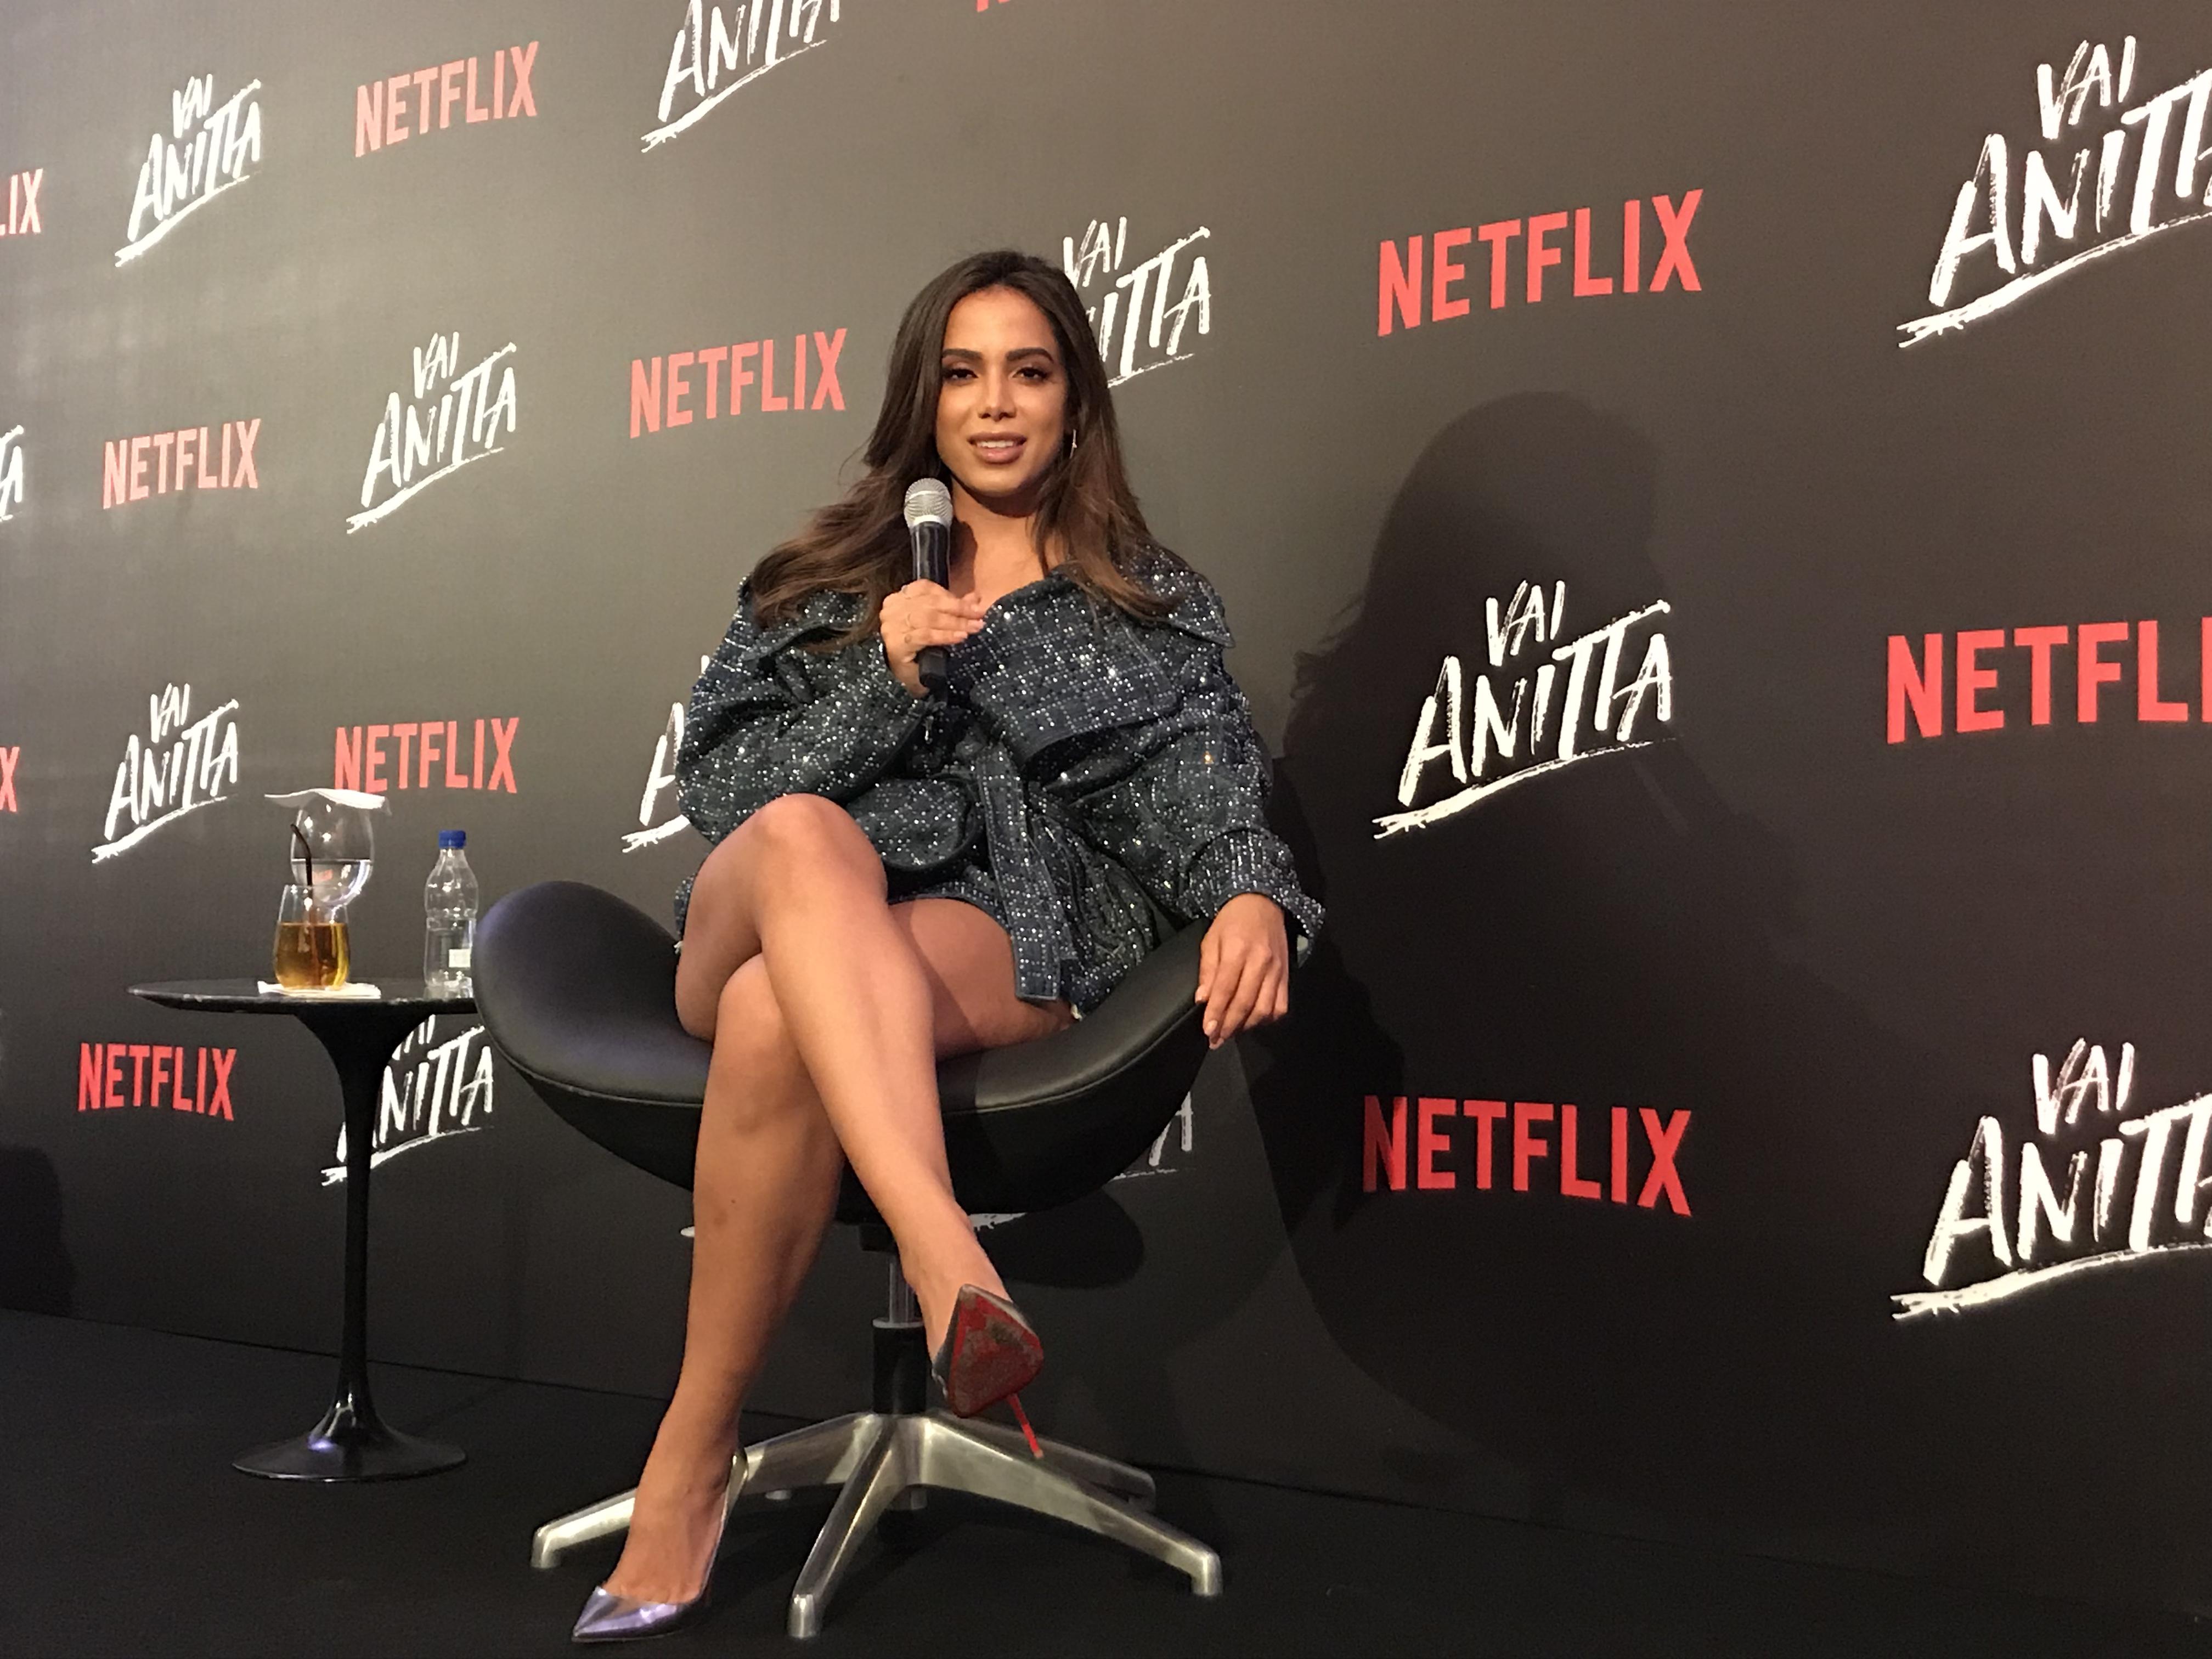 Meio reality, meio documentário, Vai Anitta estreia nesta sexta na Netflix